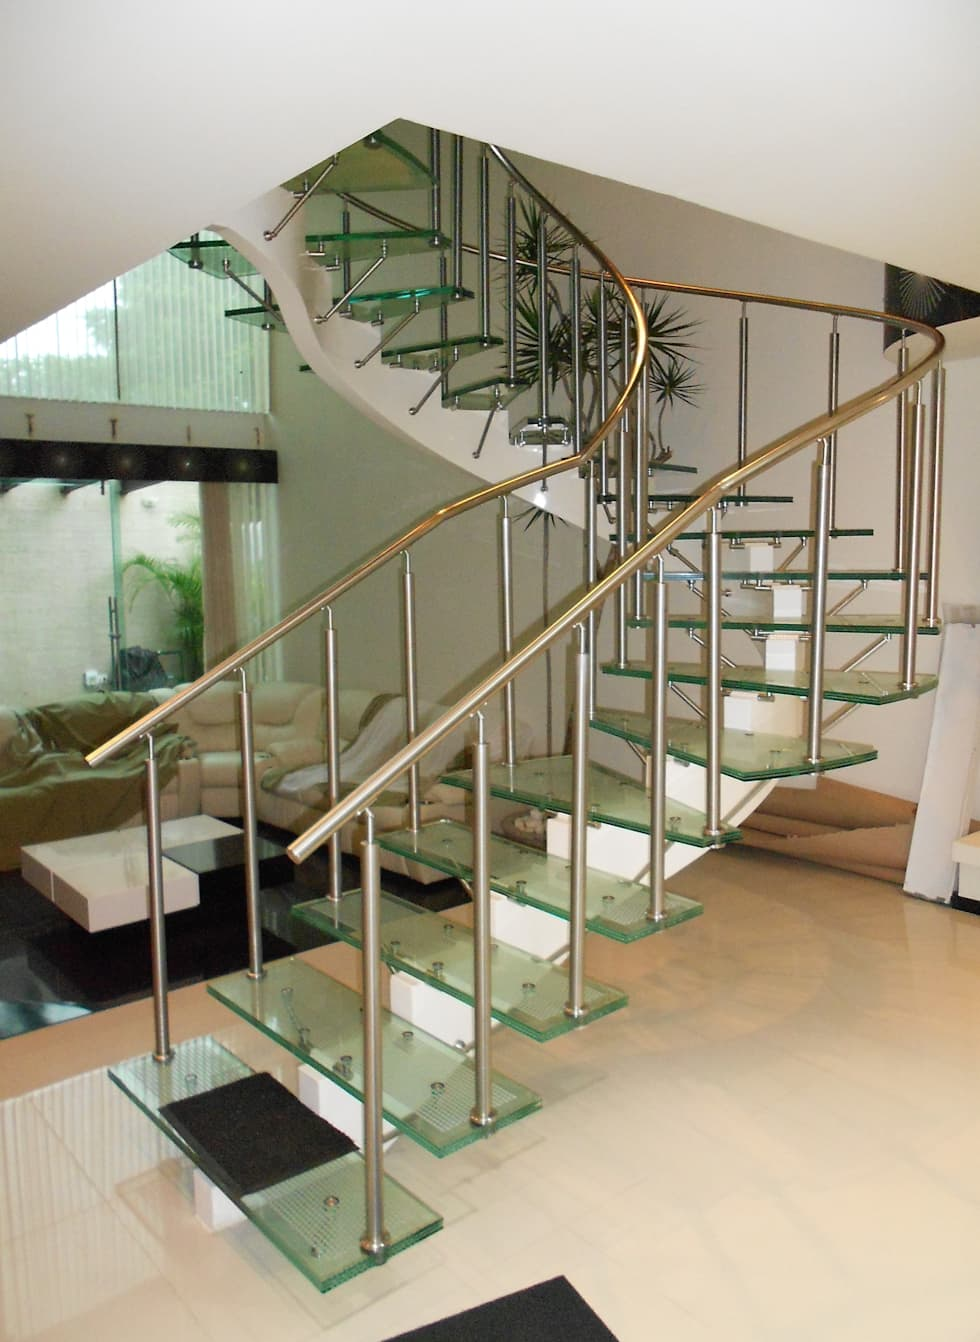 escalera de cristal laminado con pasamanos y herrajes de acero inoxidable vista pasillo ue